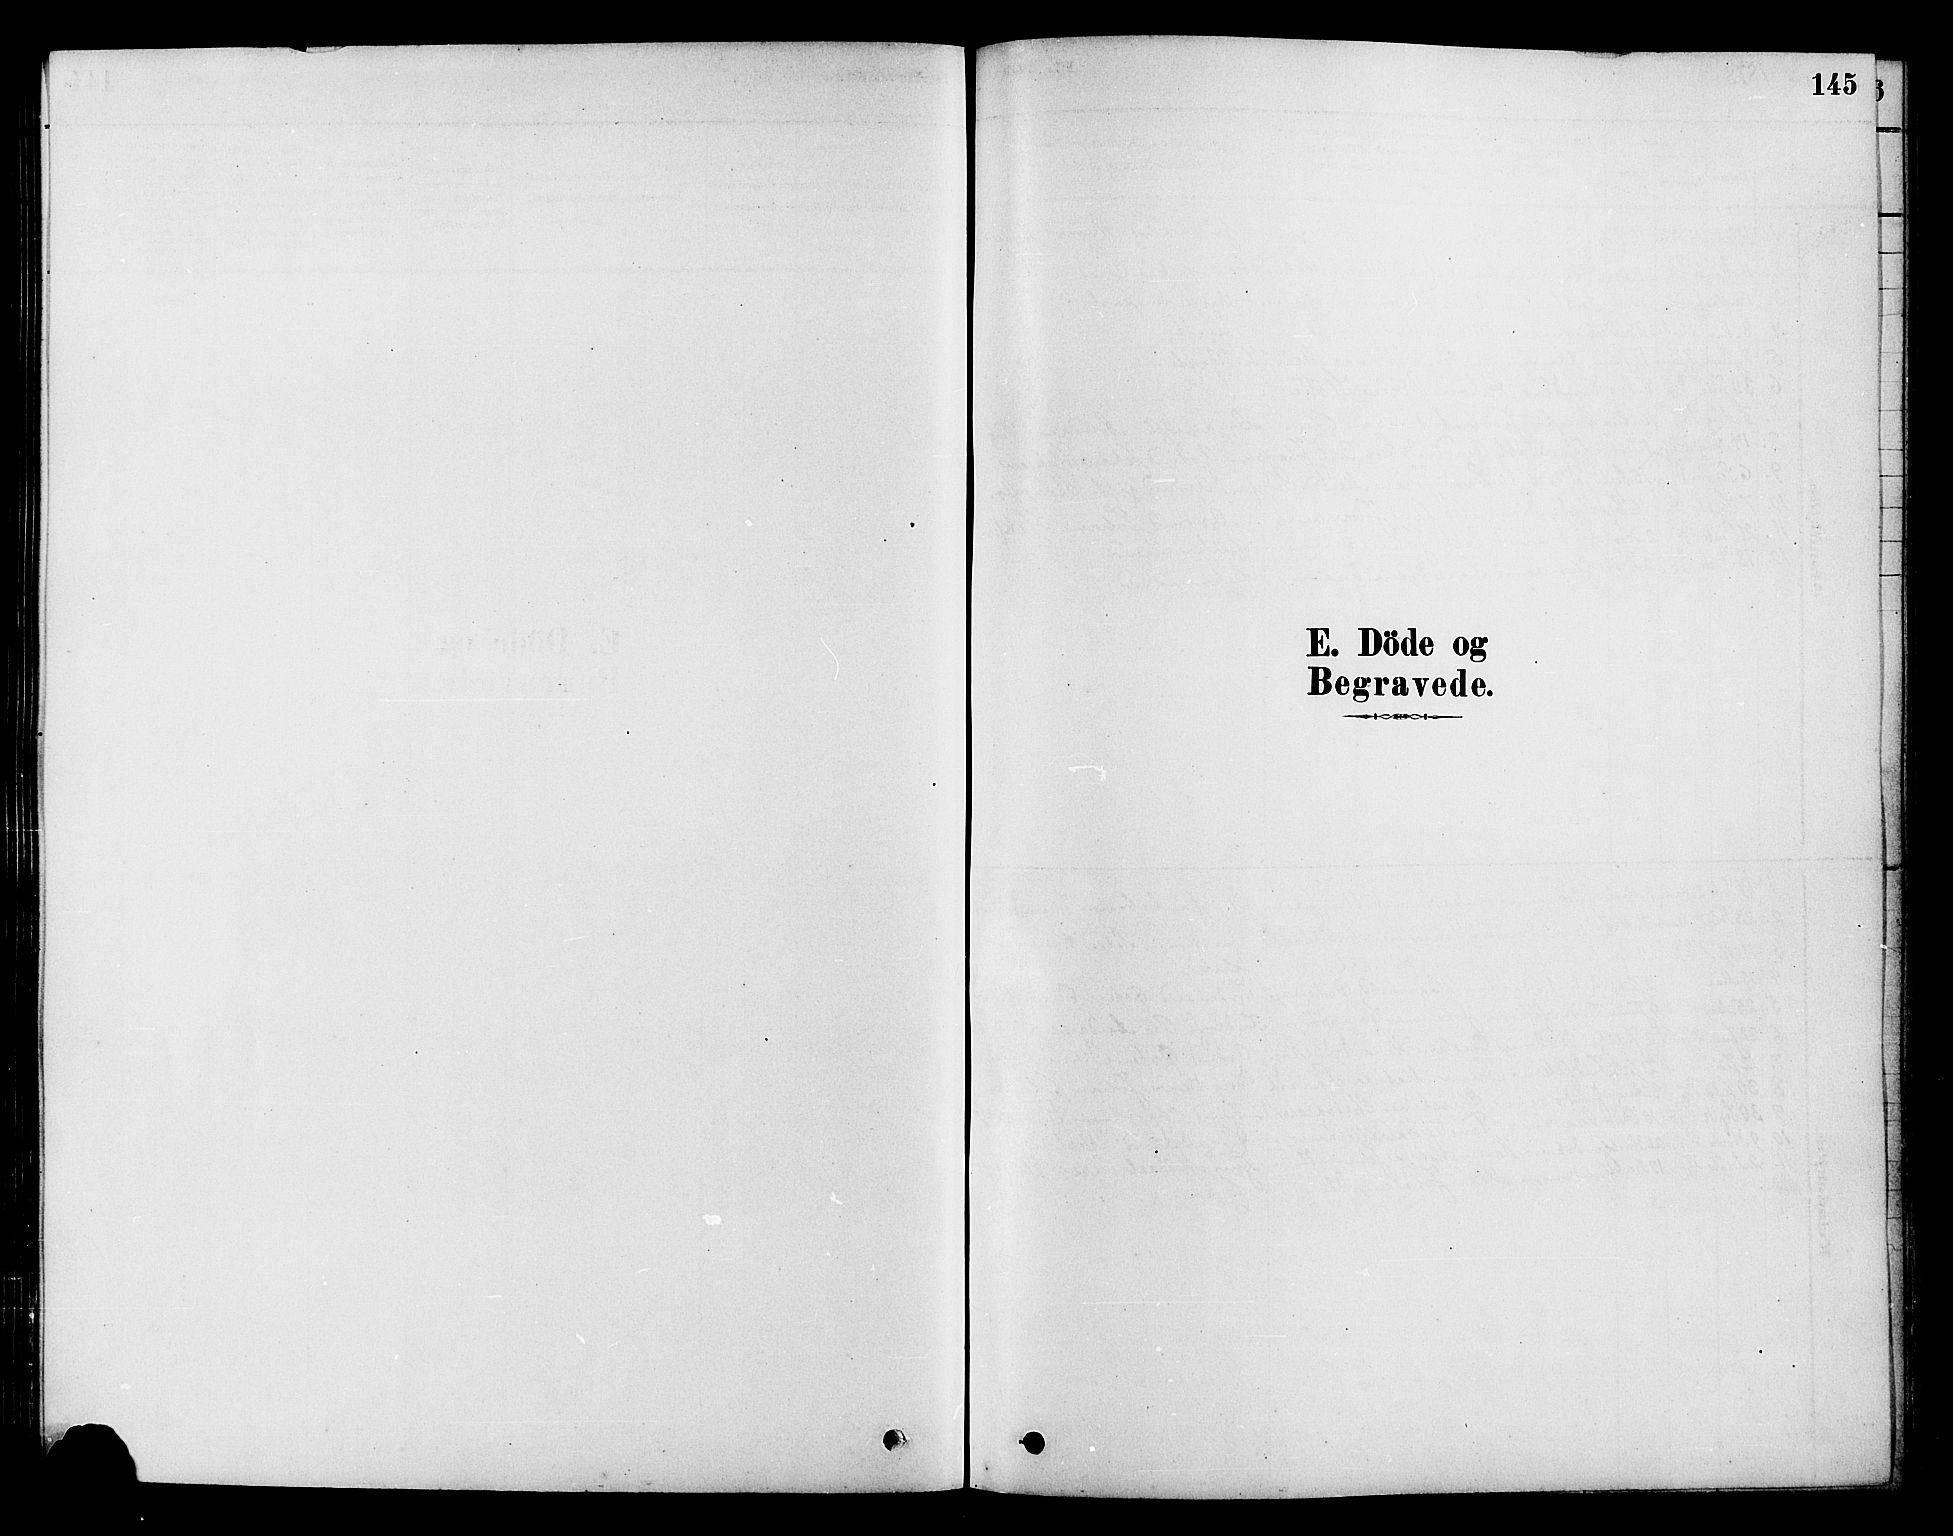 SAH, Søndre Land prestekontor, K/L0002: Ministerialbok nr. 2, 1878-1894, s. 145